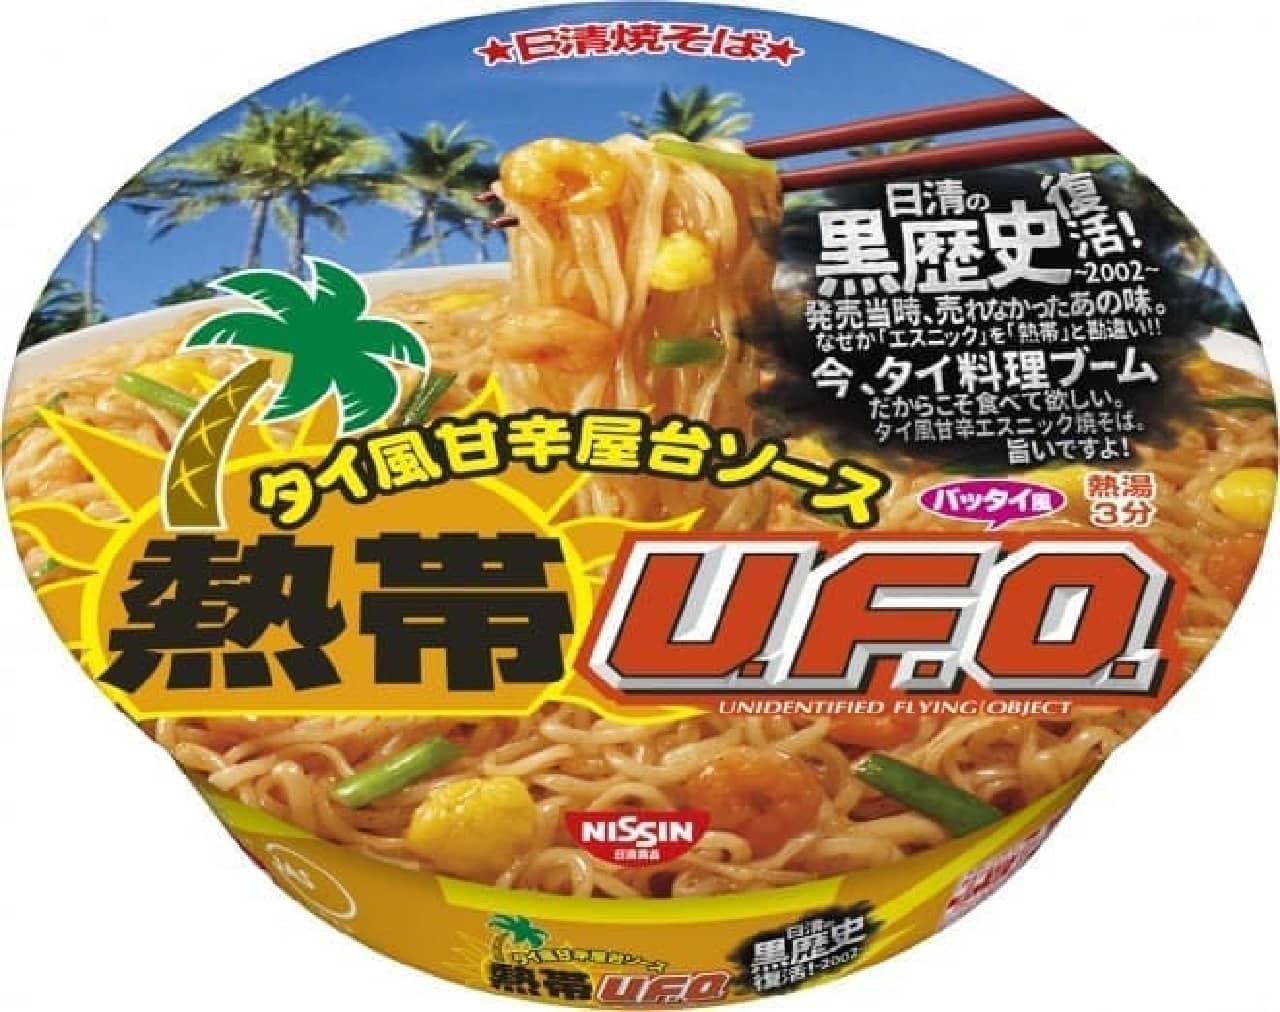 15年前、22年前に売れなかったカップ麺3種が再発売へ!